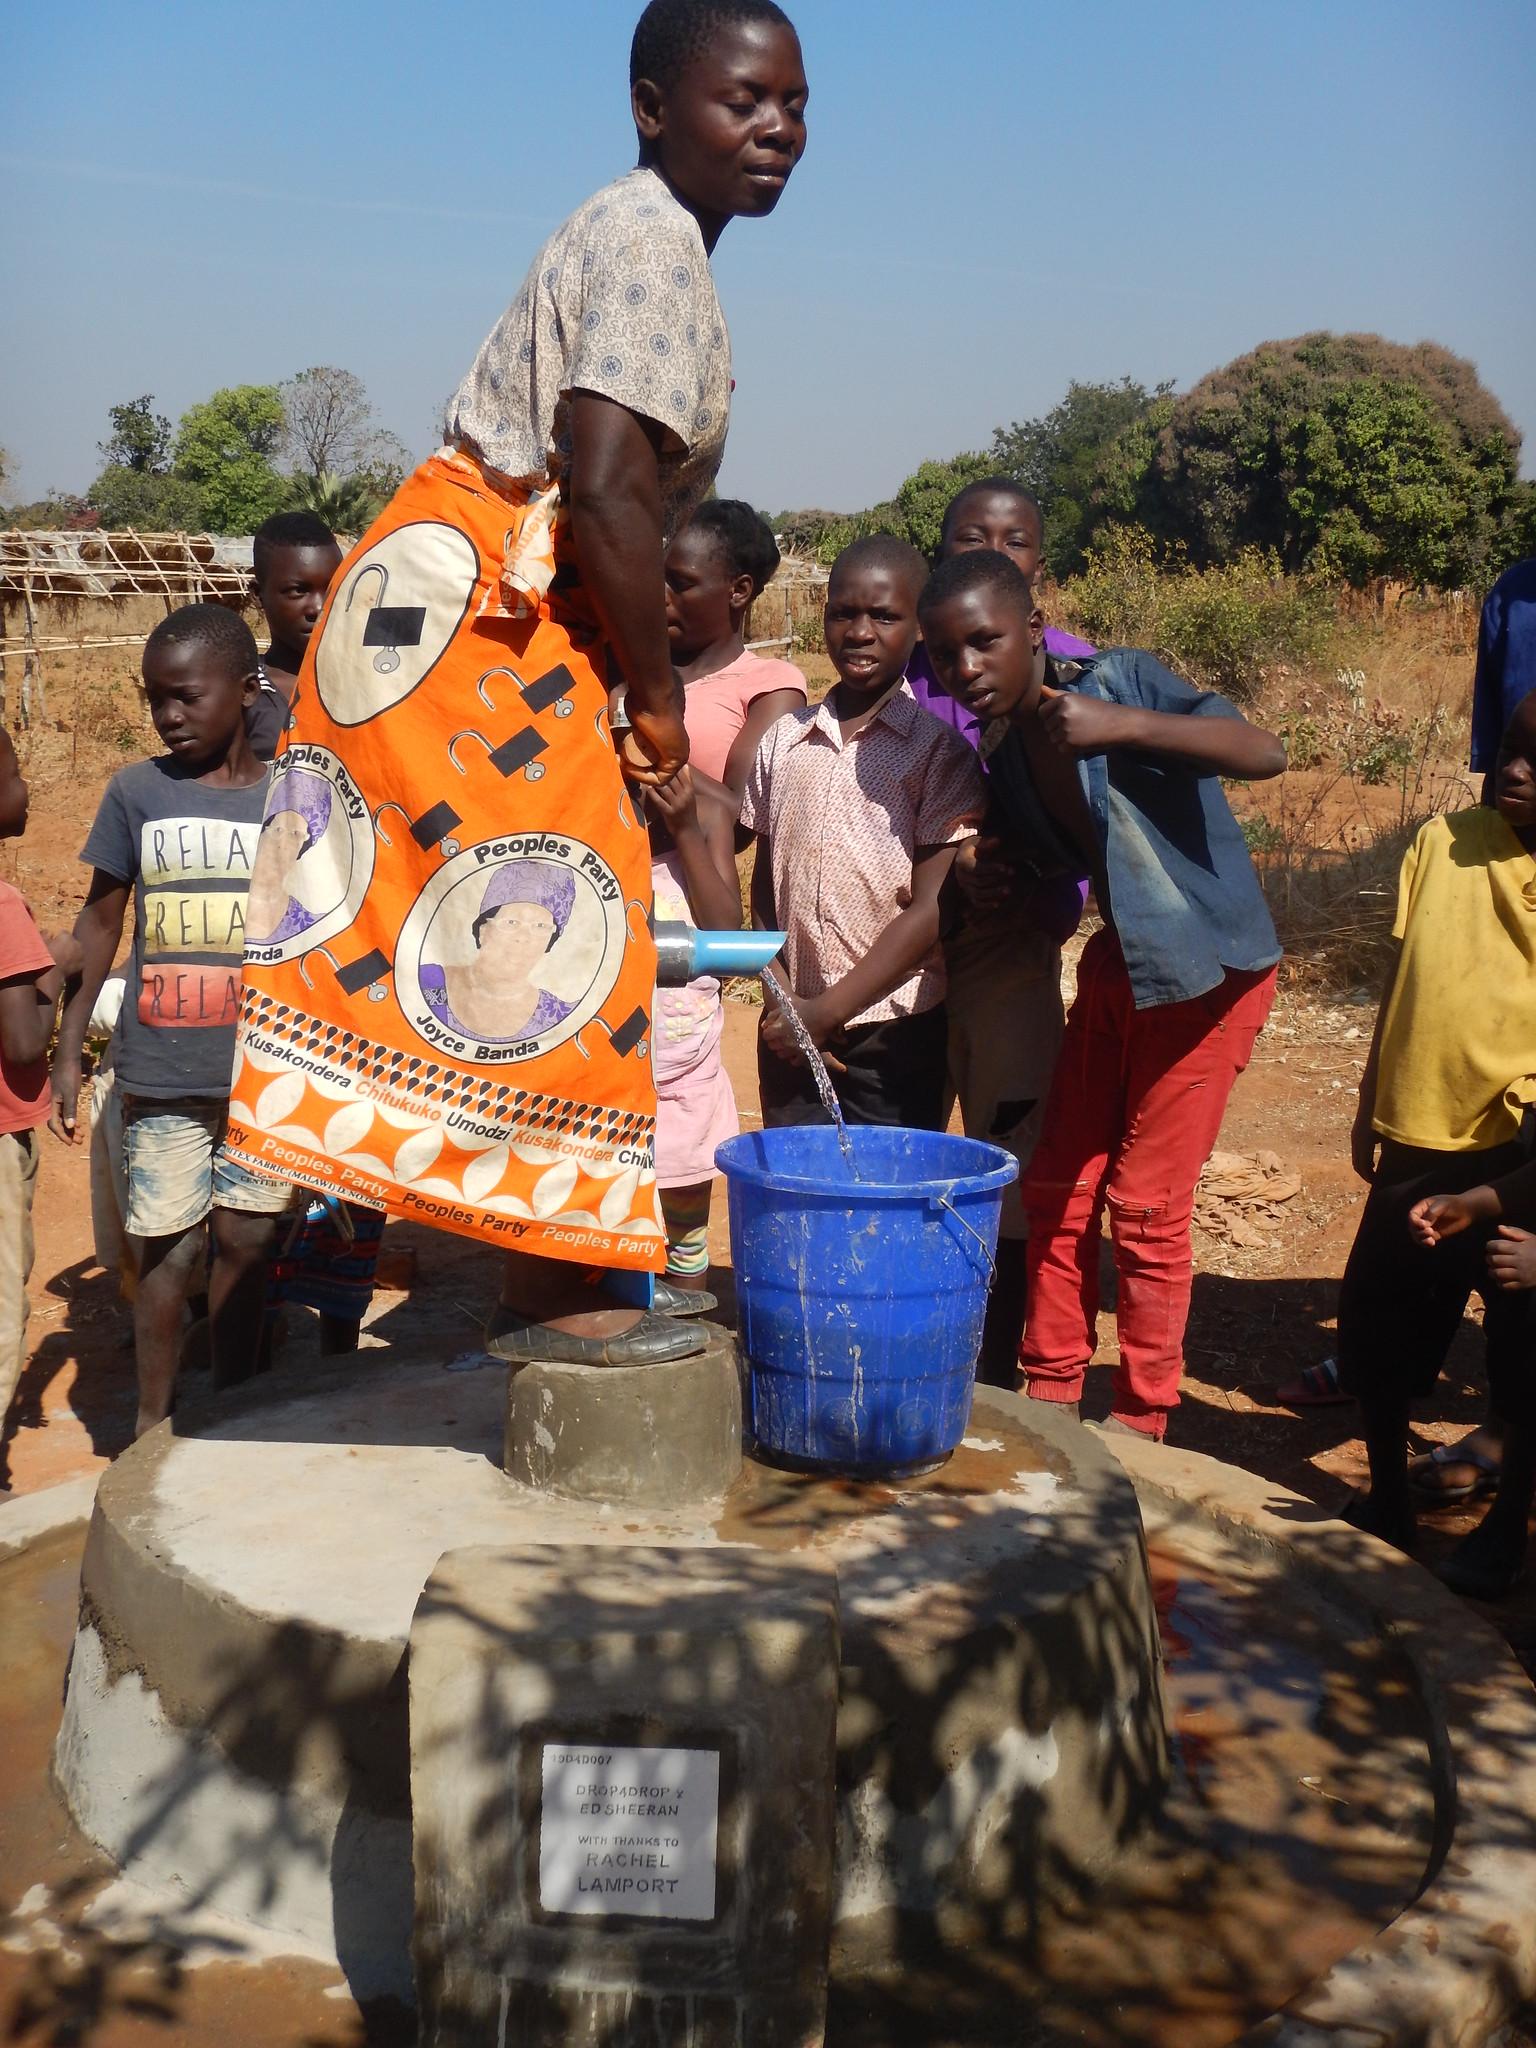 Kachala - pump 19D4D007